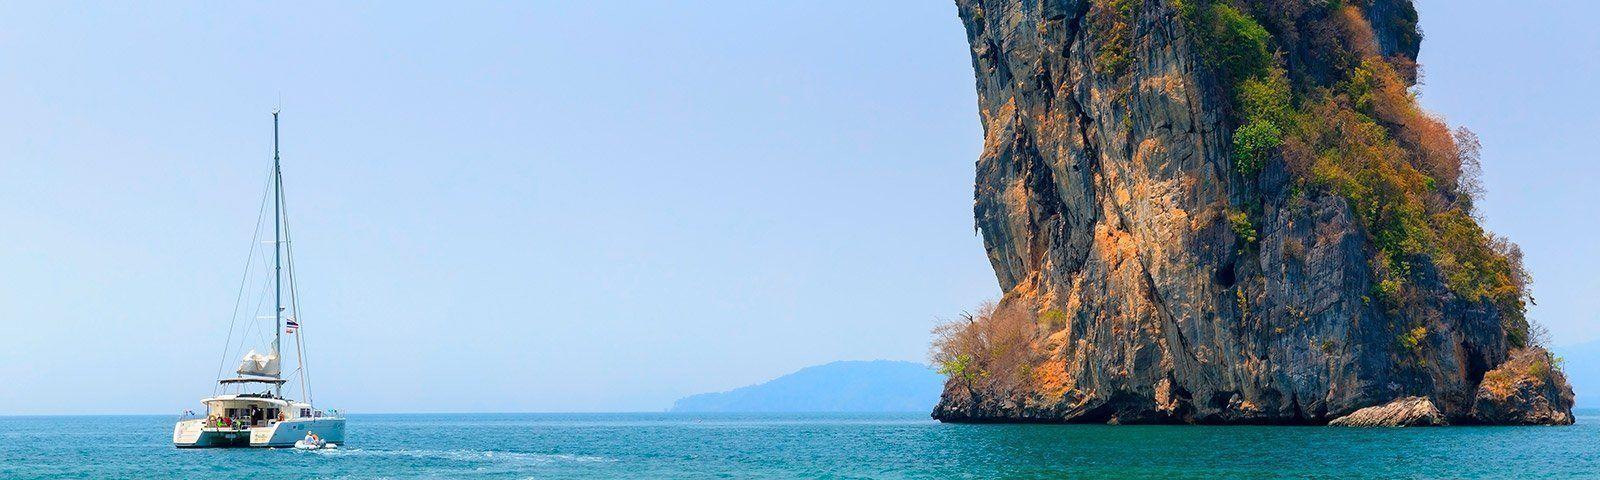 viaje-tailandia-barco-playas